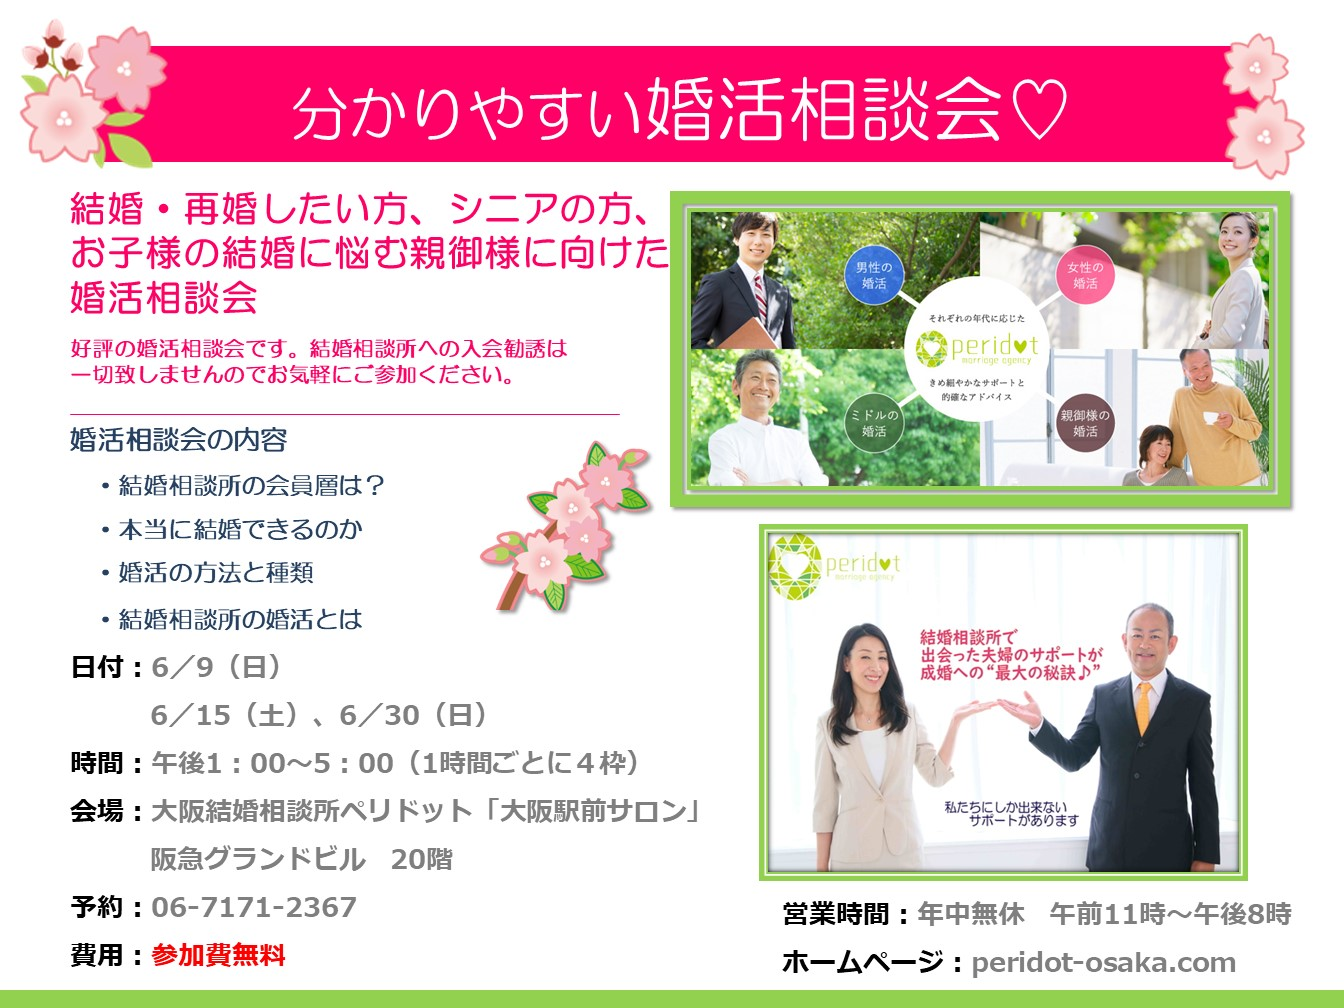 人気の婚活相談会を開催(^^♪